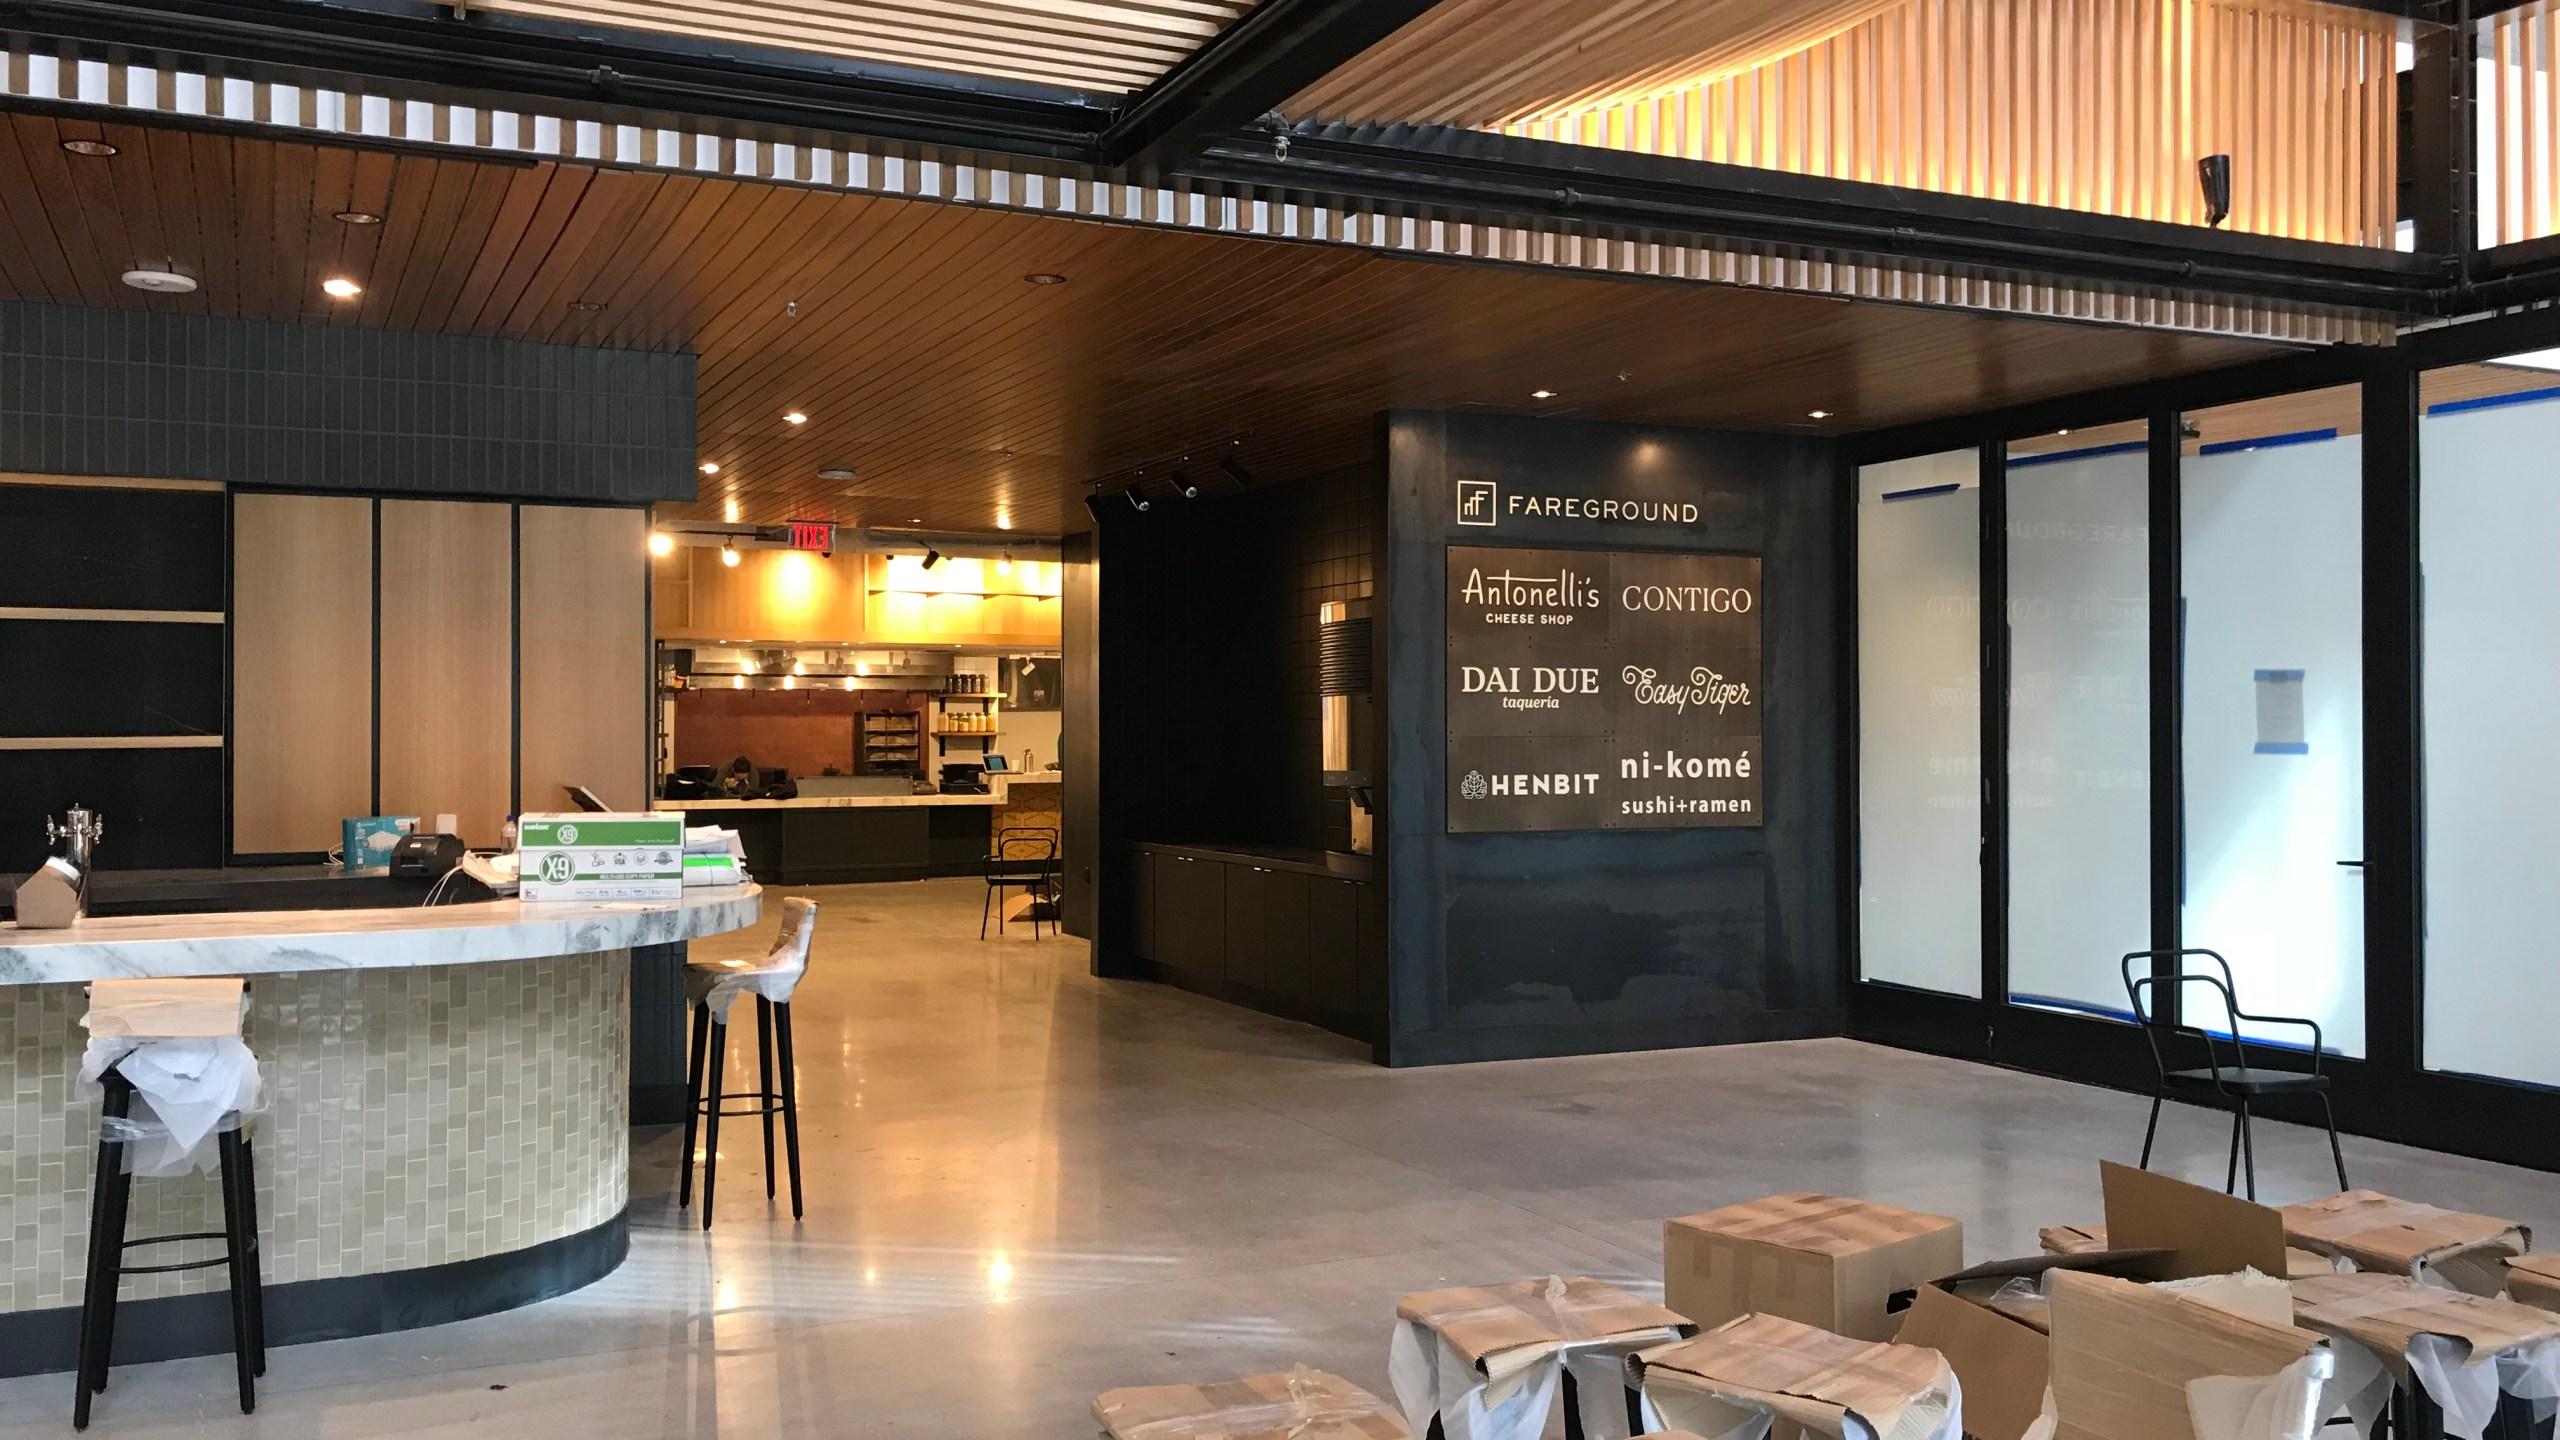 Fareground food court_605604